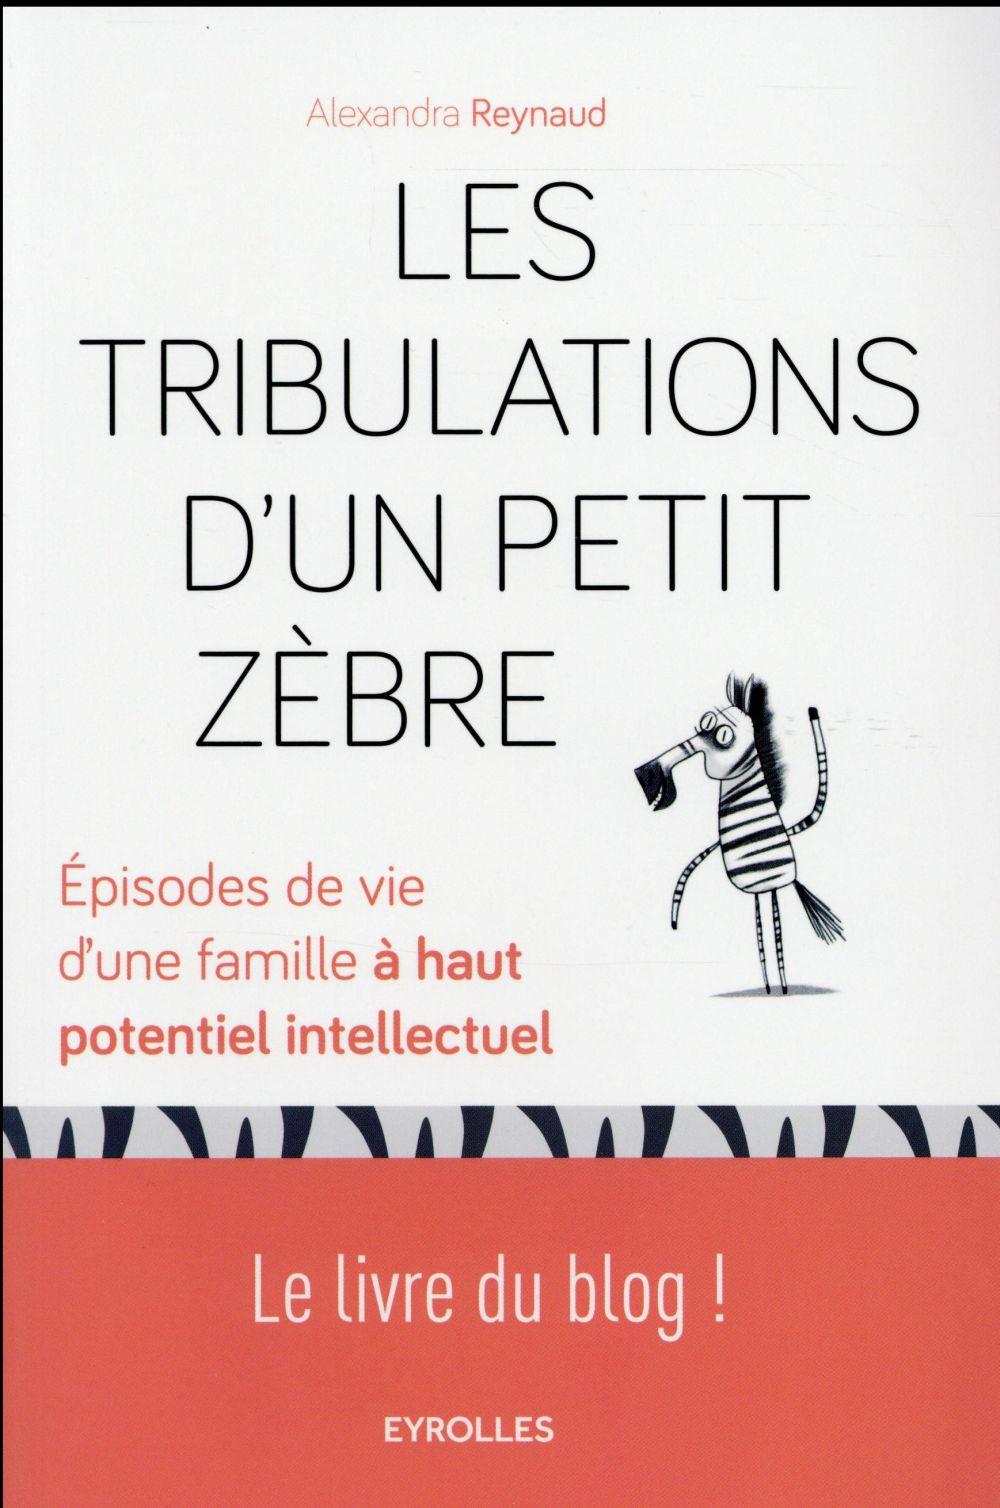 LES TRIBULATIONS D UN PETIT ZEBRE - EPISODES DE VIE D'UNE FAMILLE A HAUT POTENTIEL INTELLECTUEL.